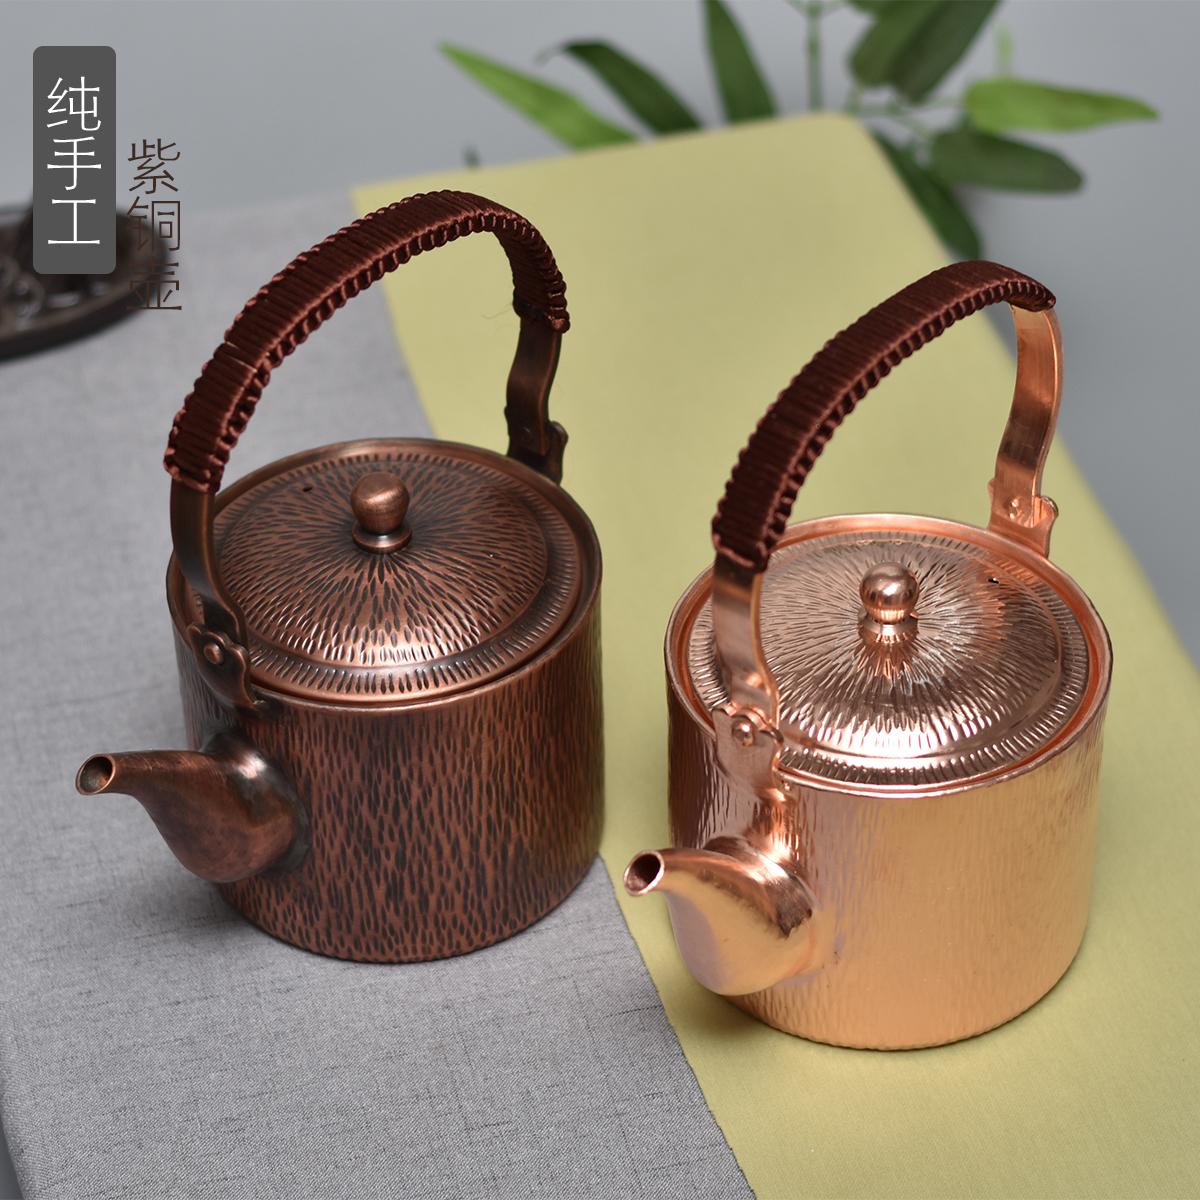 【銅壺】純手工捶打銅壺純銅茶壺加厚紫銅壺家用燒水泡茶壺銅製品茶具